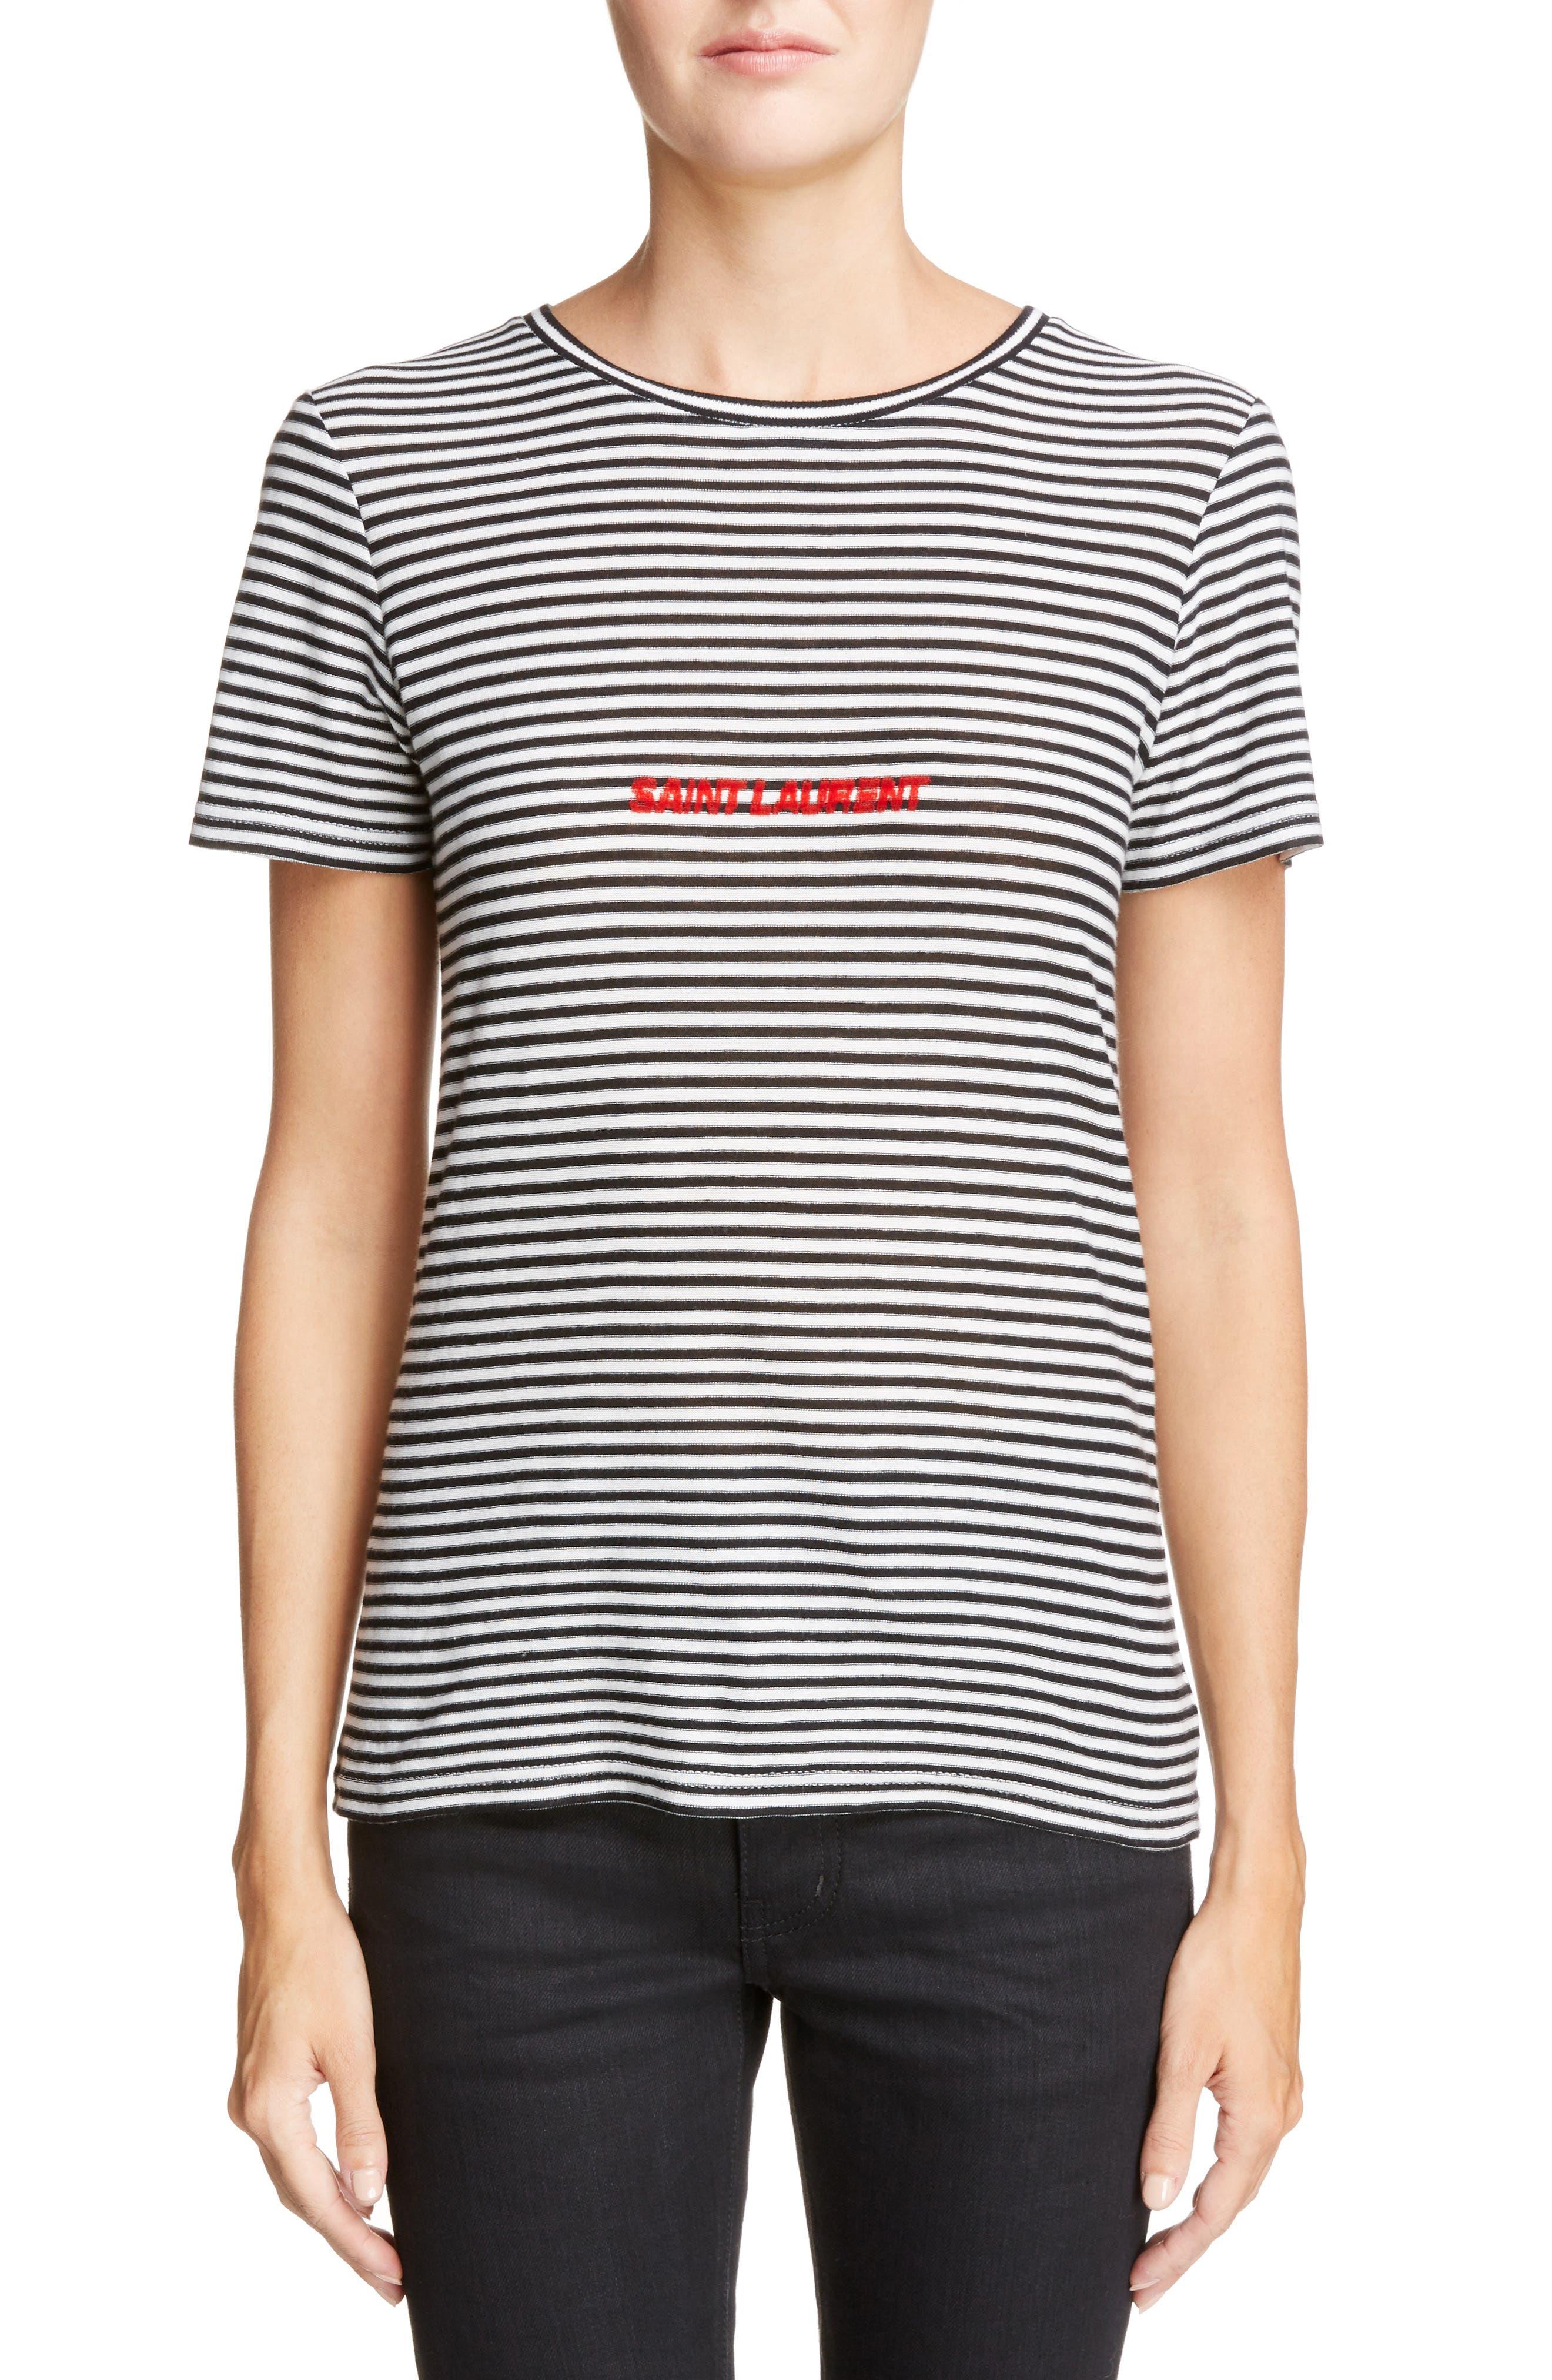 SAINT LAURENT Logo Stripe Tee, Main, color, NOIR/ NATUREL/ ROUGE